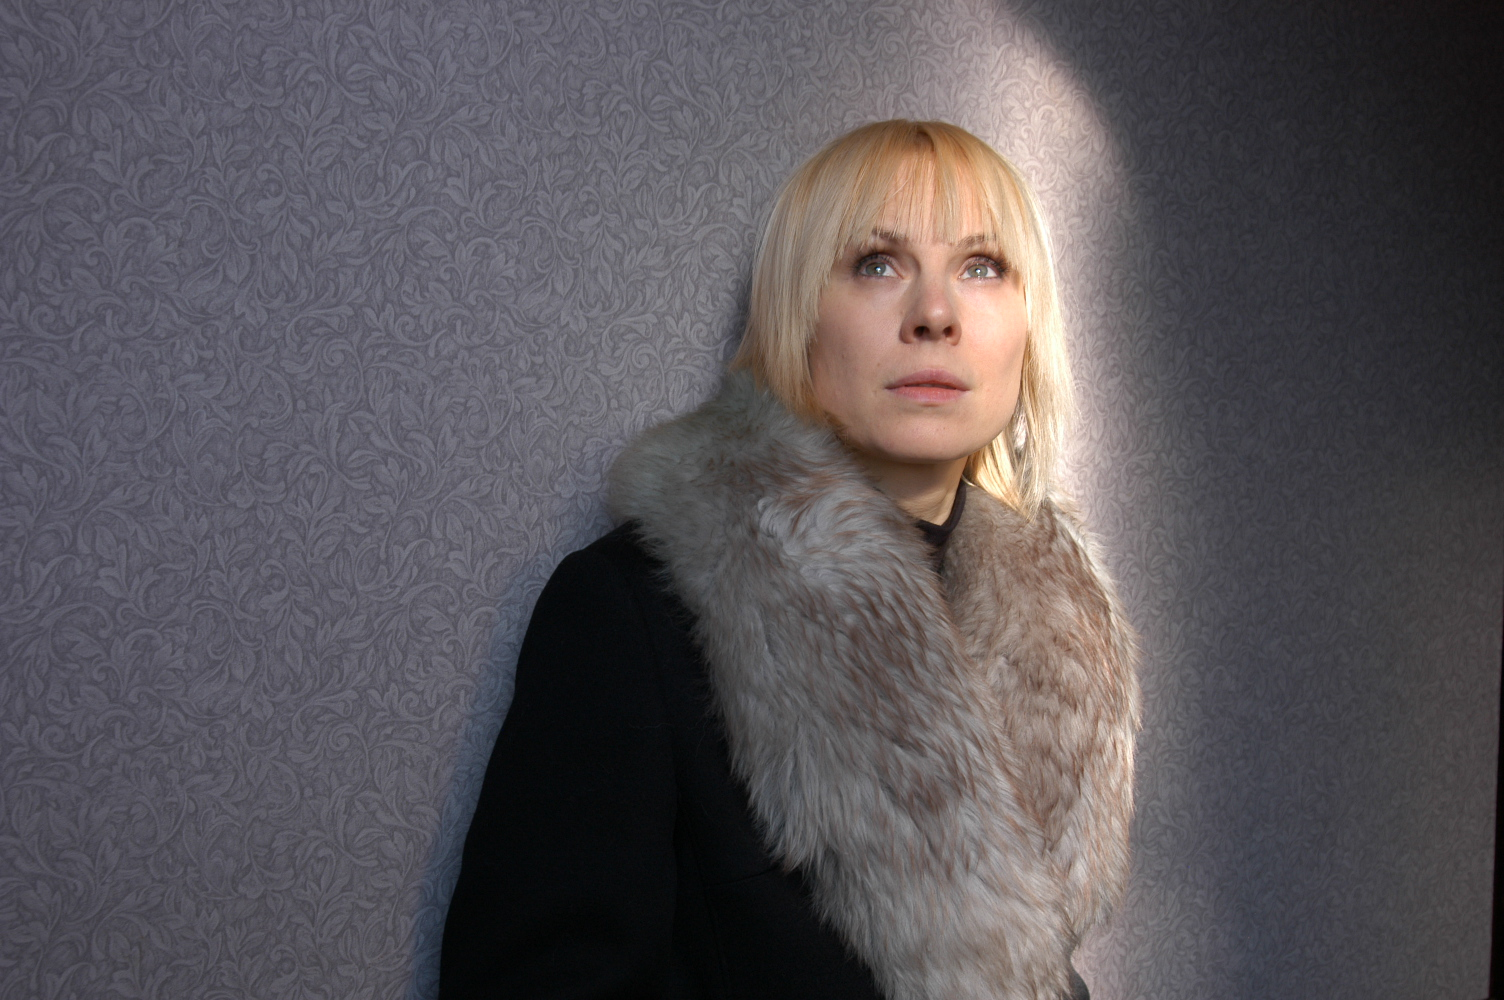 Dina Korzun, Actor